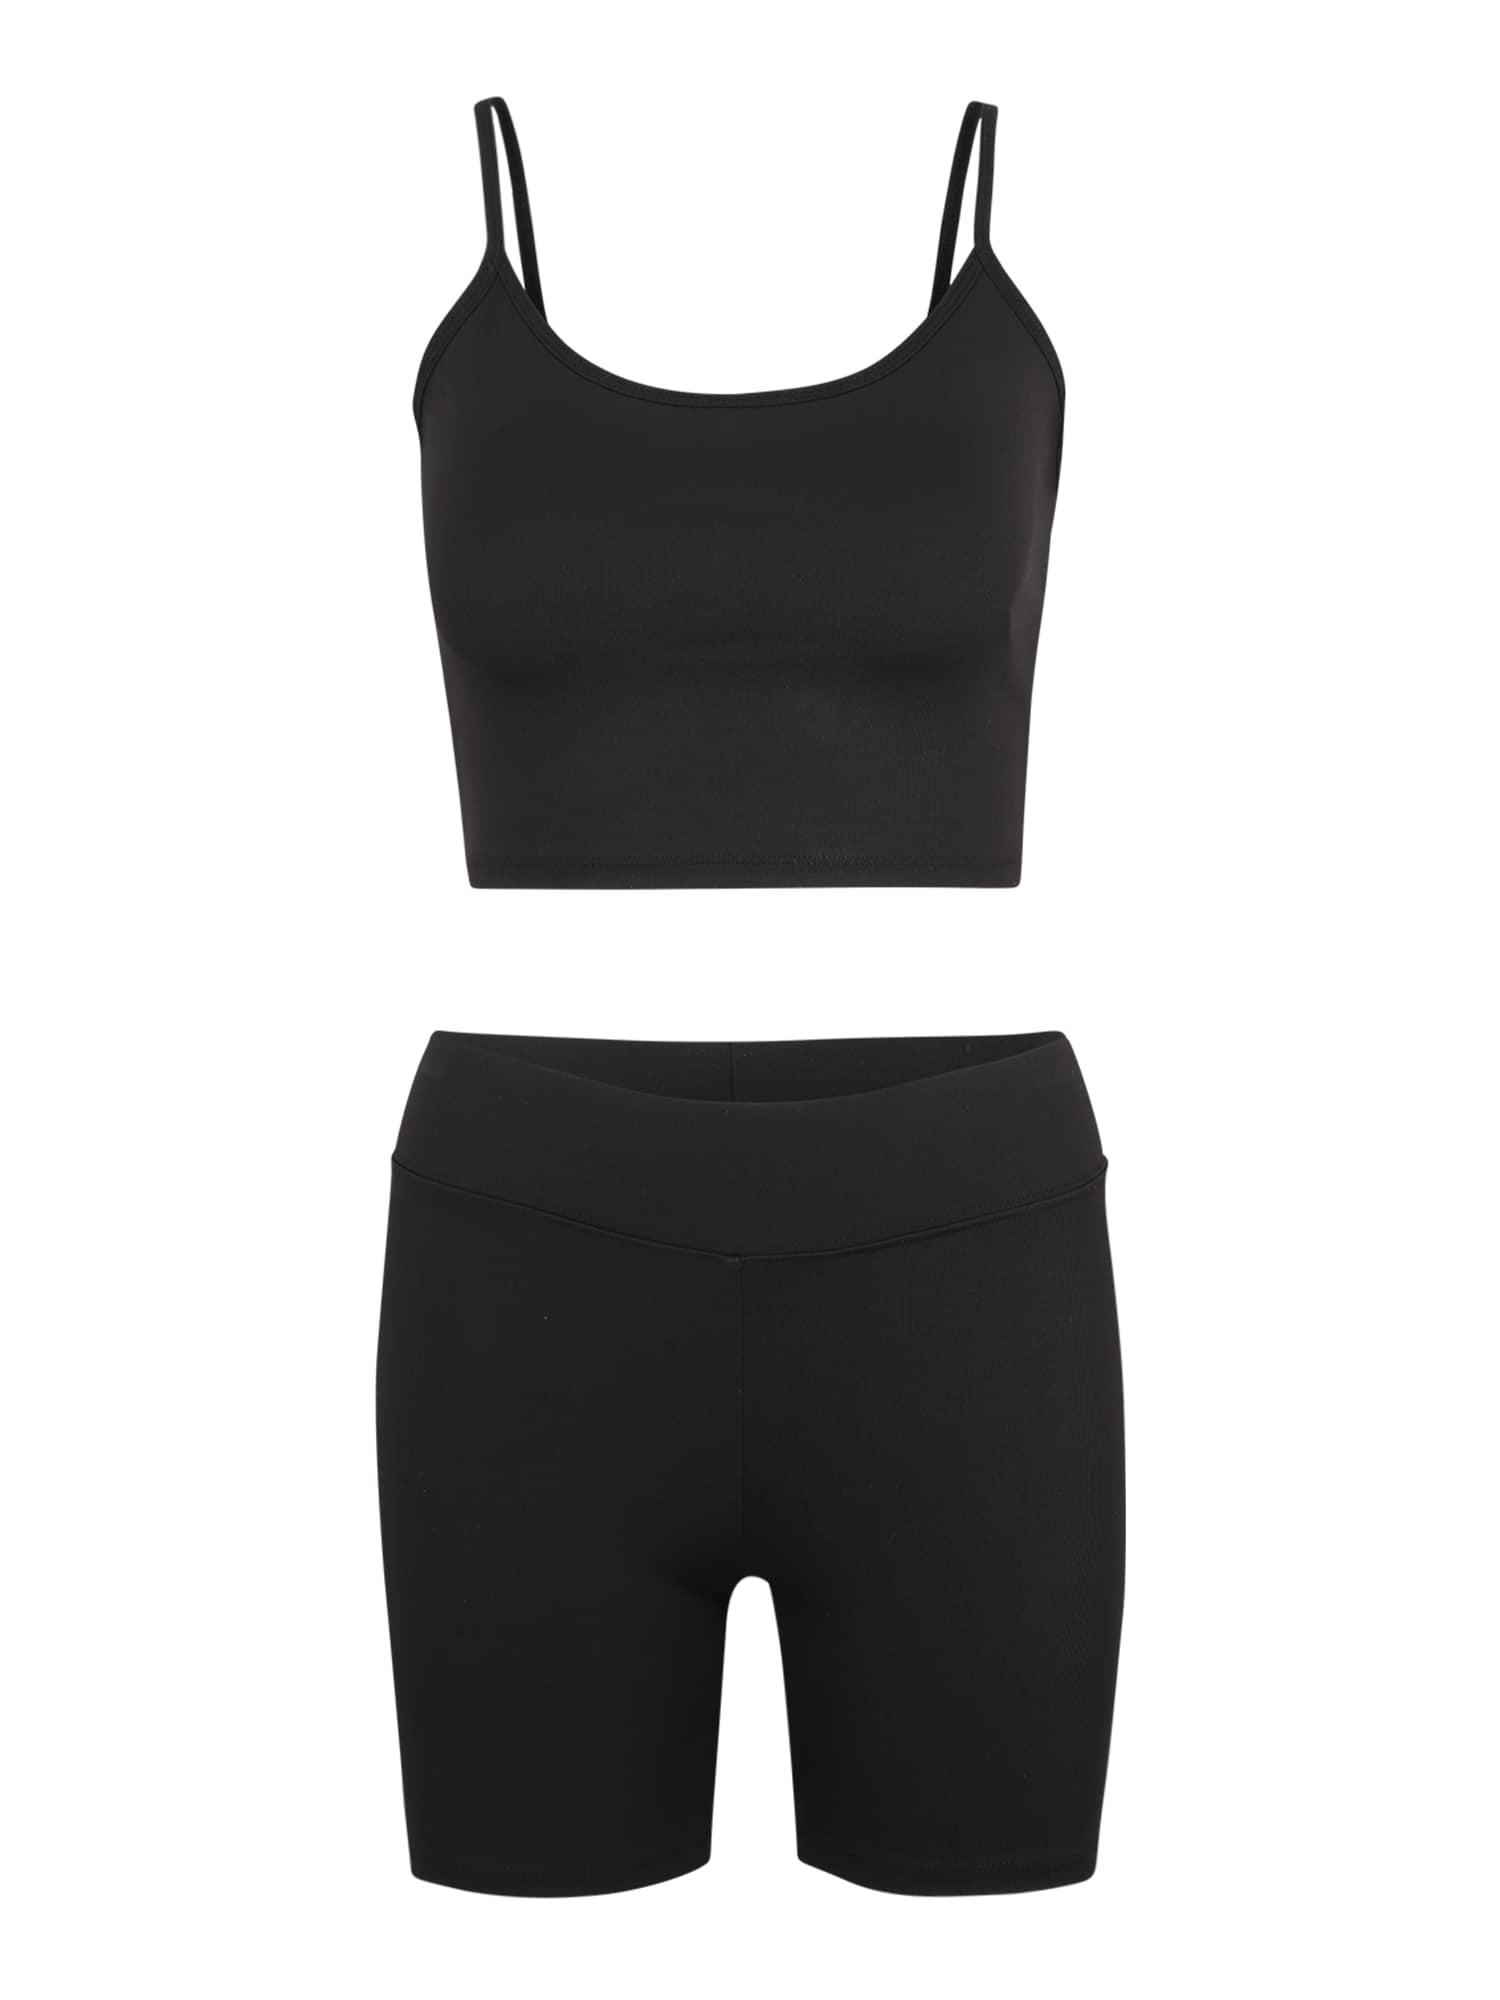 Gina Tricot (Petite) Moteriškas kostiumėlis su kelnėmis 'Lena' juoda